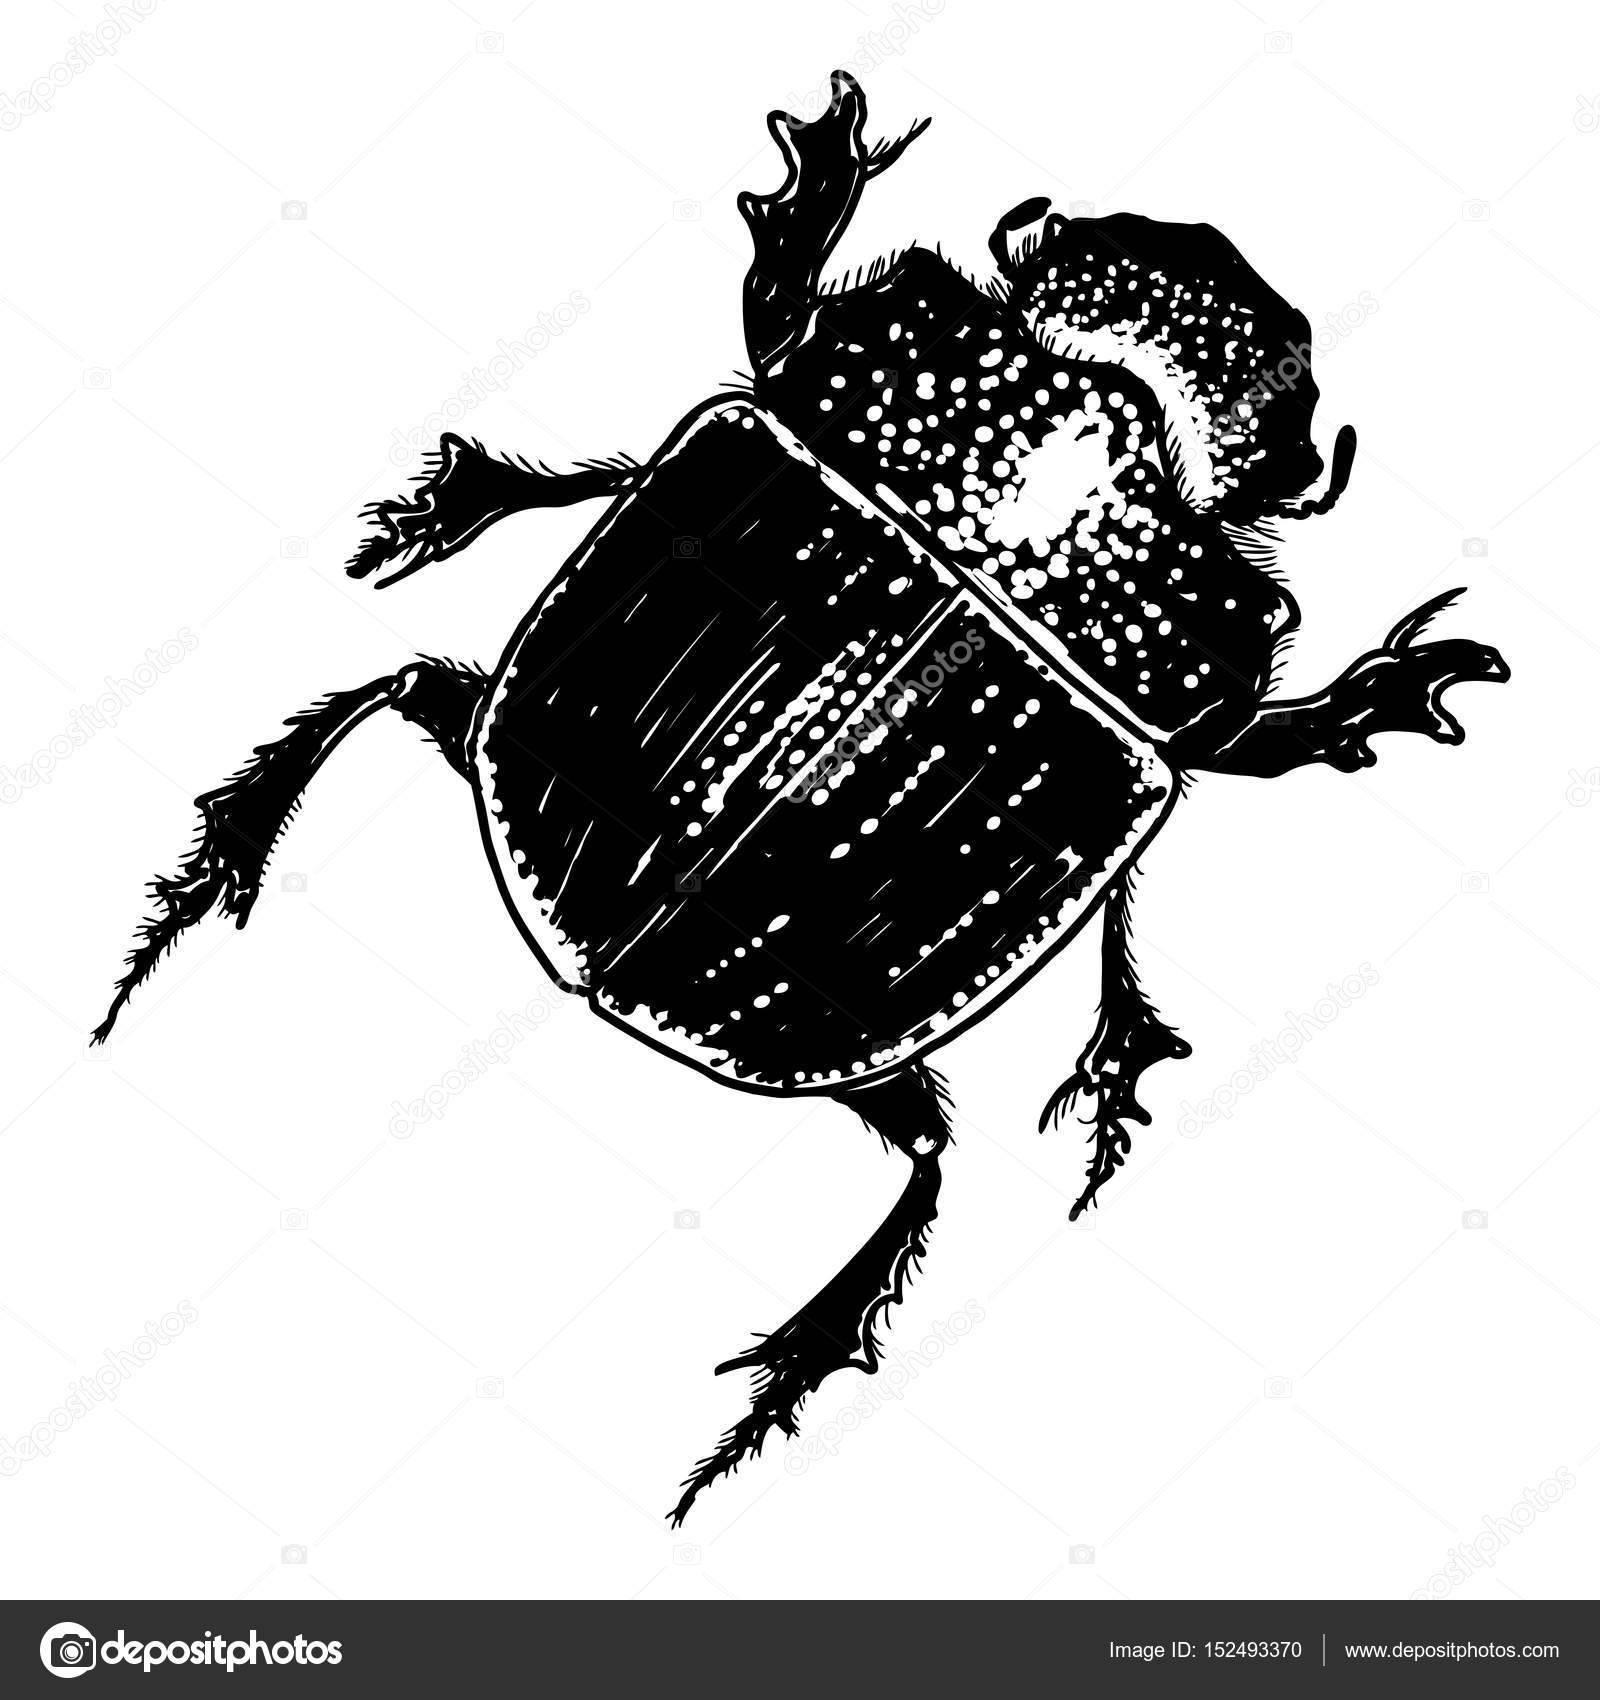 Жук скарабей — священный символ для эффективной борьбы с негативом